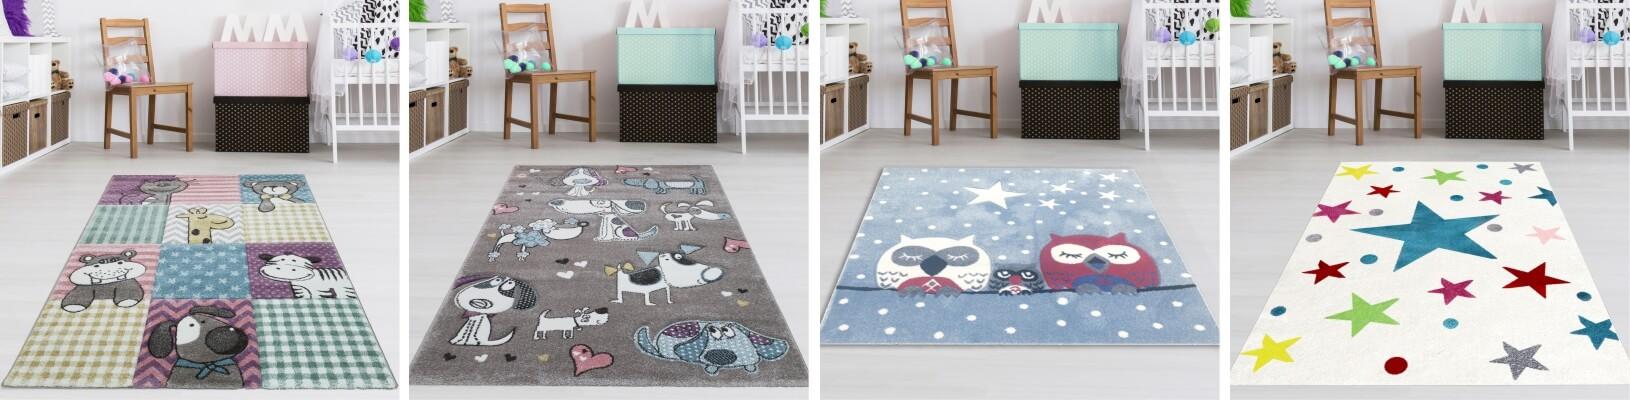 Kinderteppiche für Jungen und Mädchen